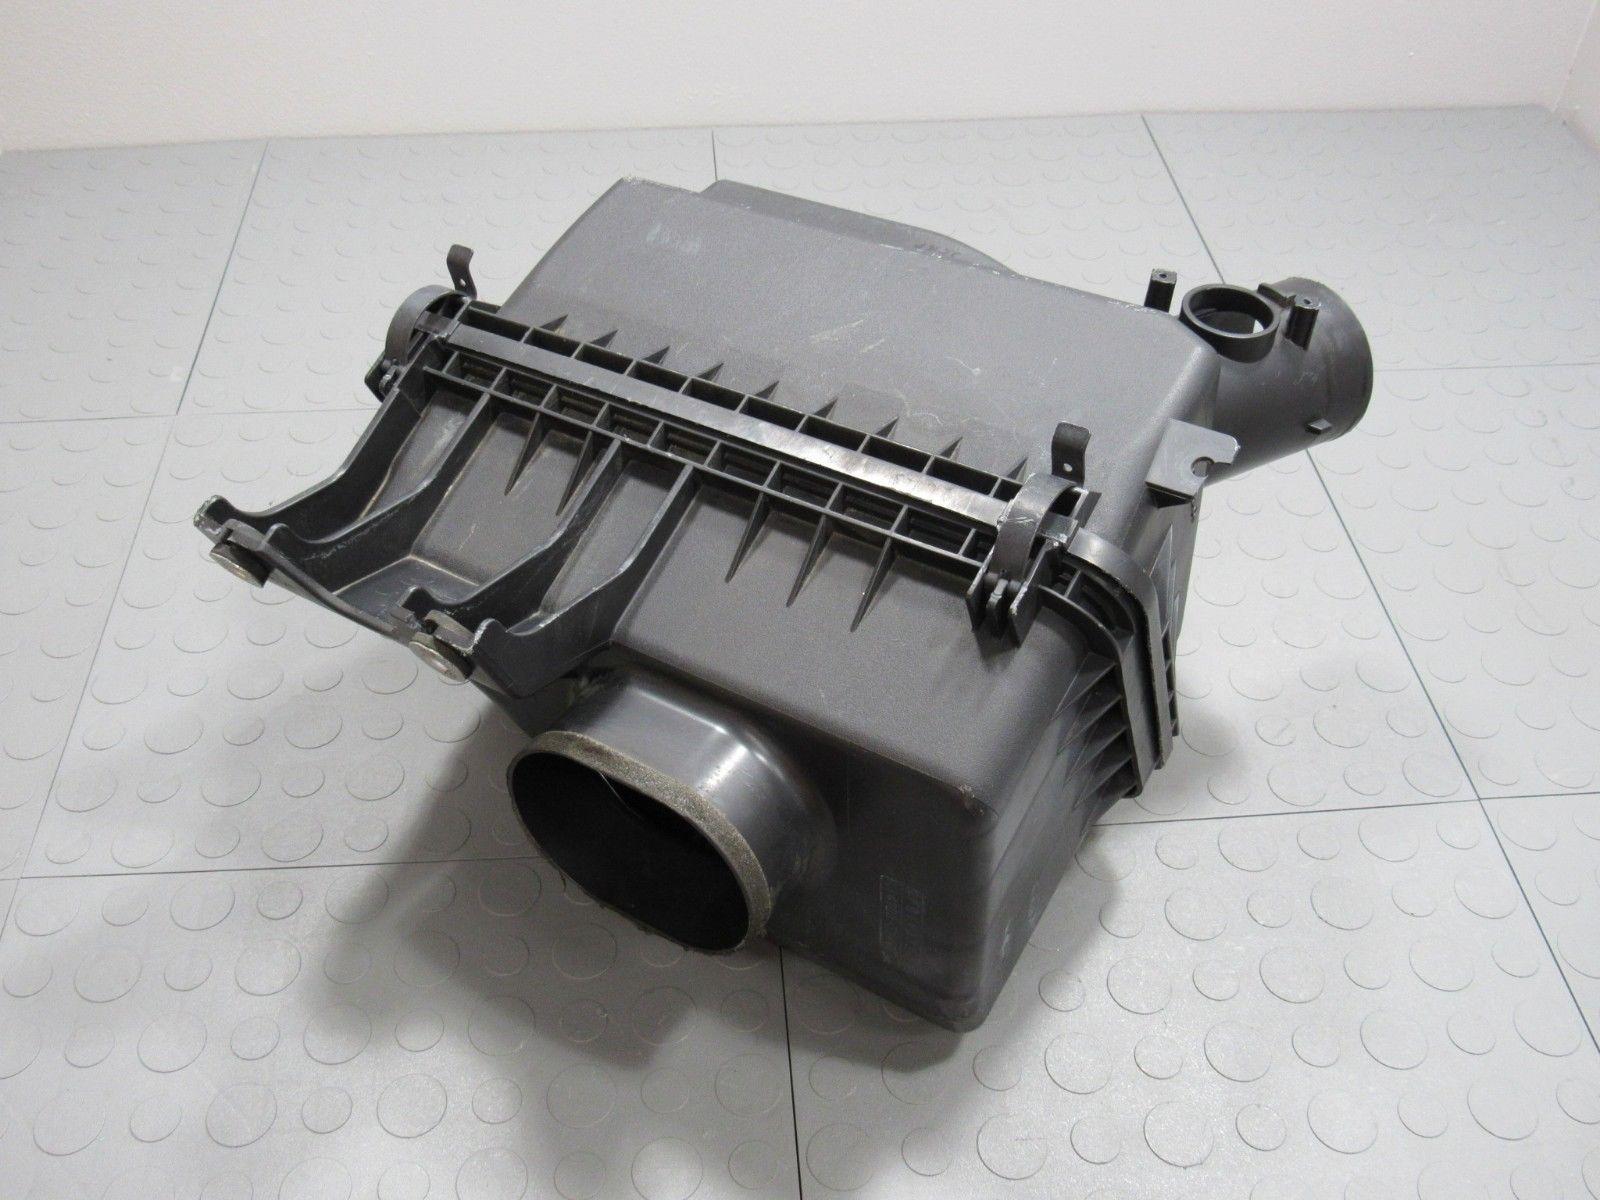 Engine Air Cleaner 15 : Mazda mx miata engine air intake cleaner box